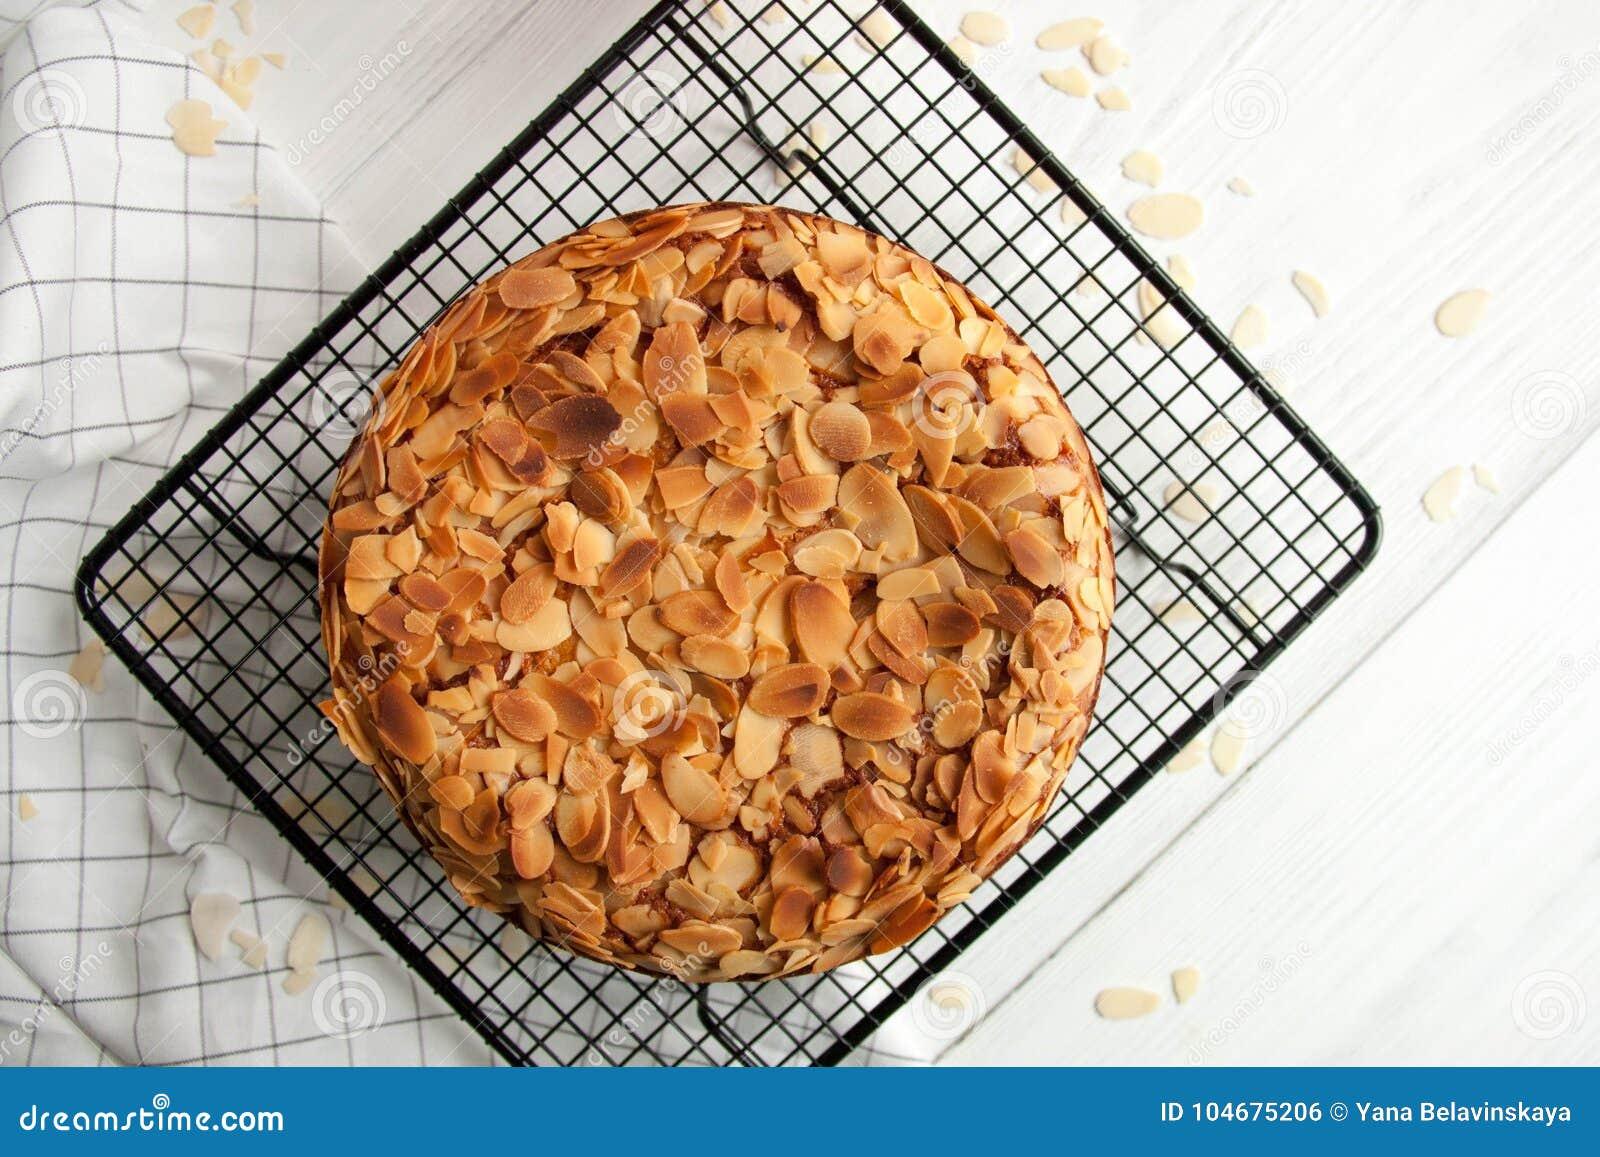 Pumpkin pie with almond